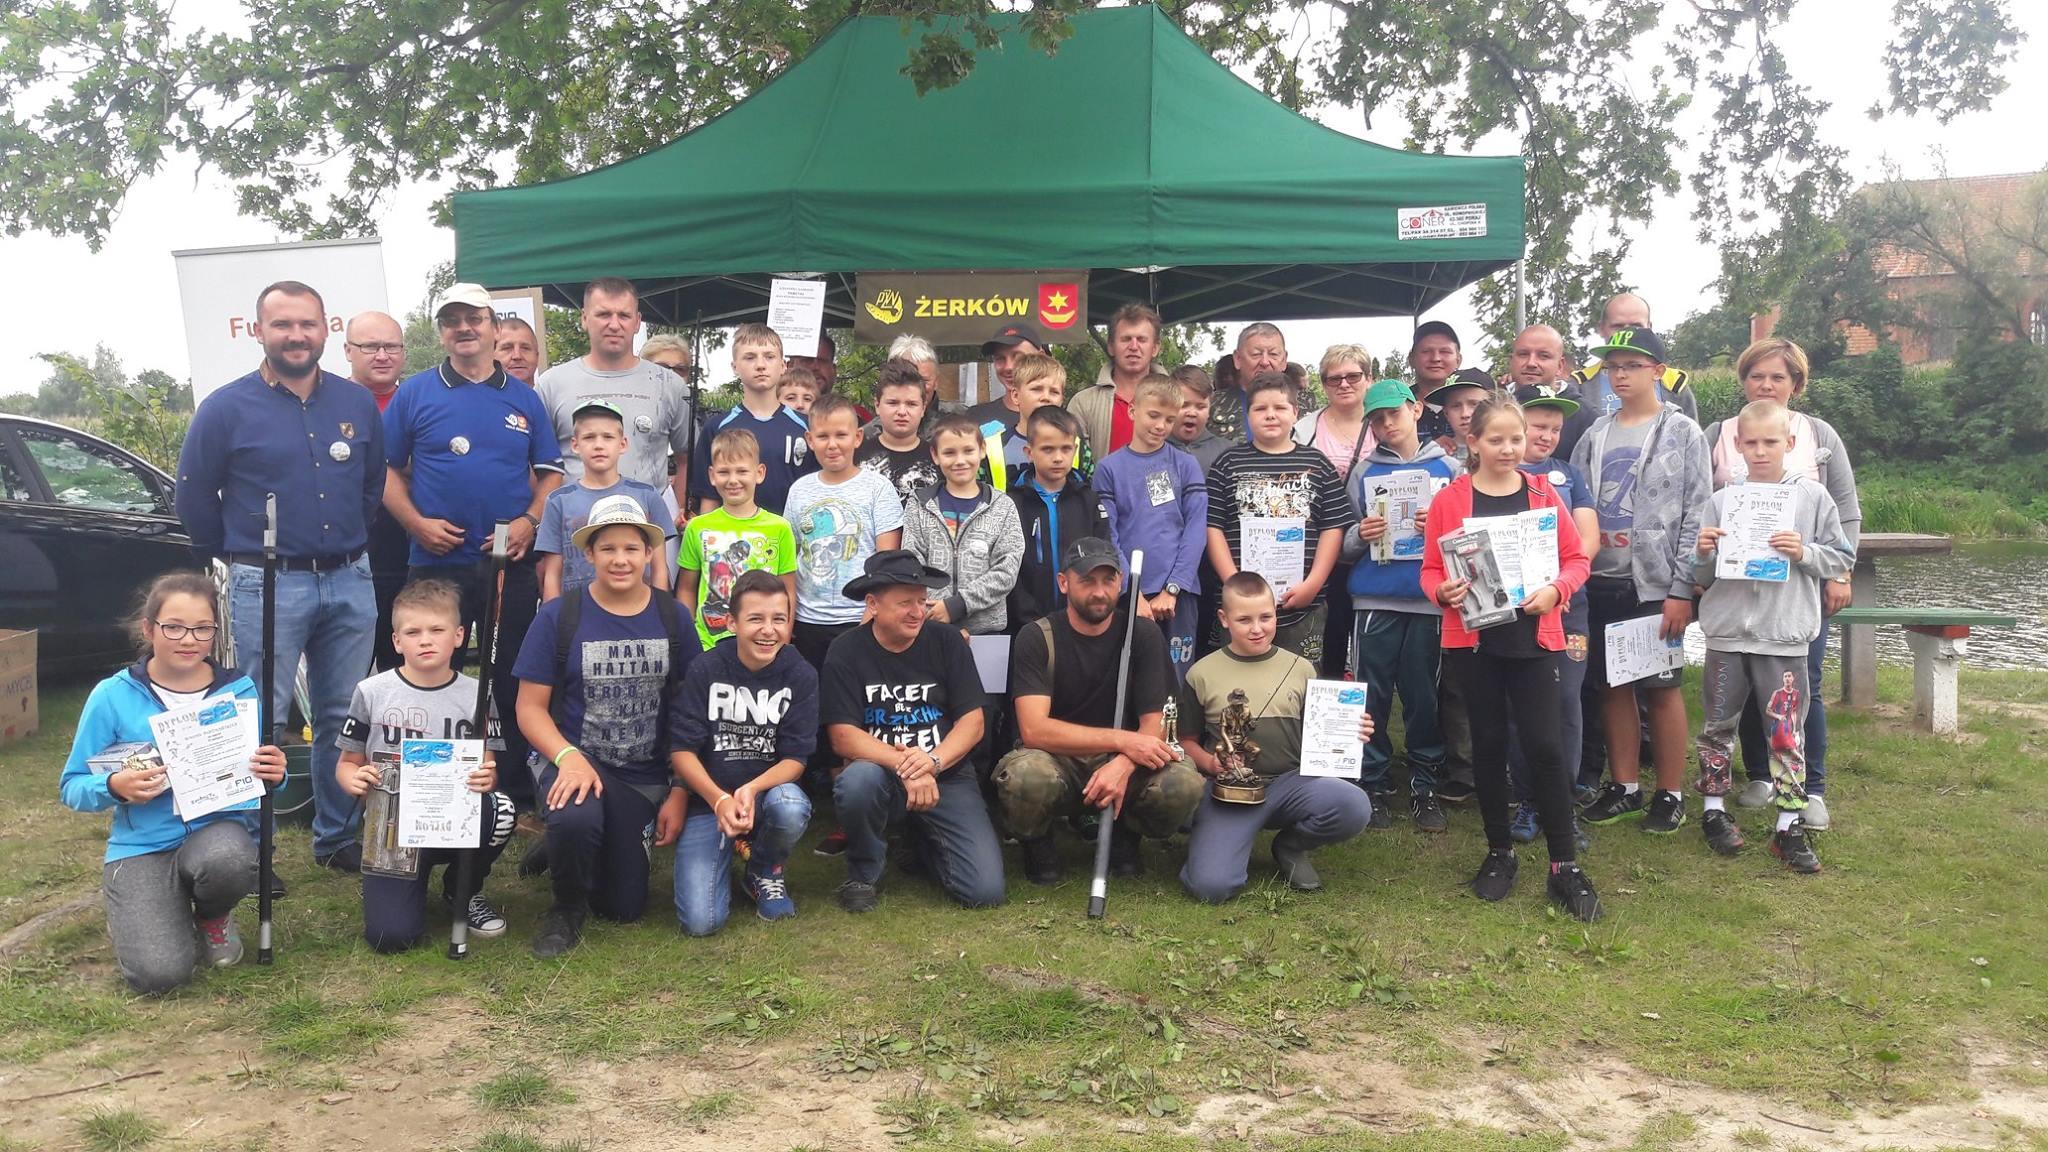 13 sierpnia 2017 r. - Zawody wędkarskie dla dzieci zorganizowane przez PZW Żerków